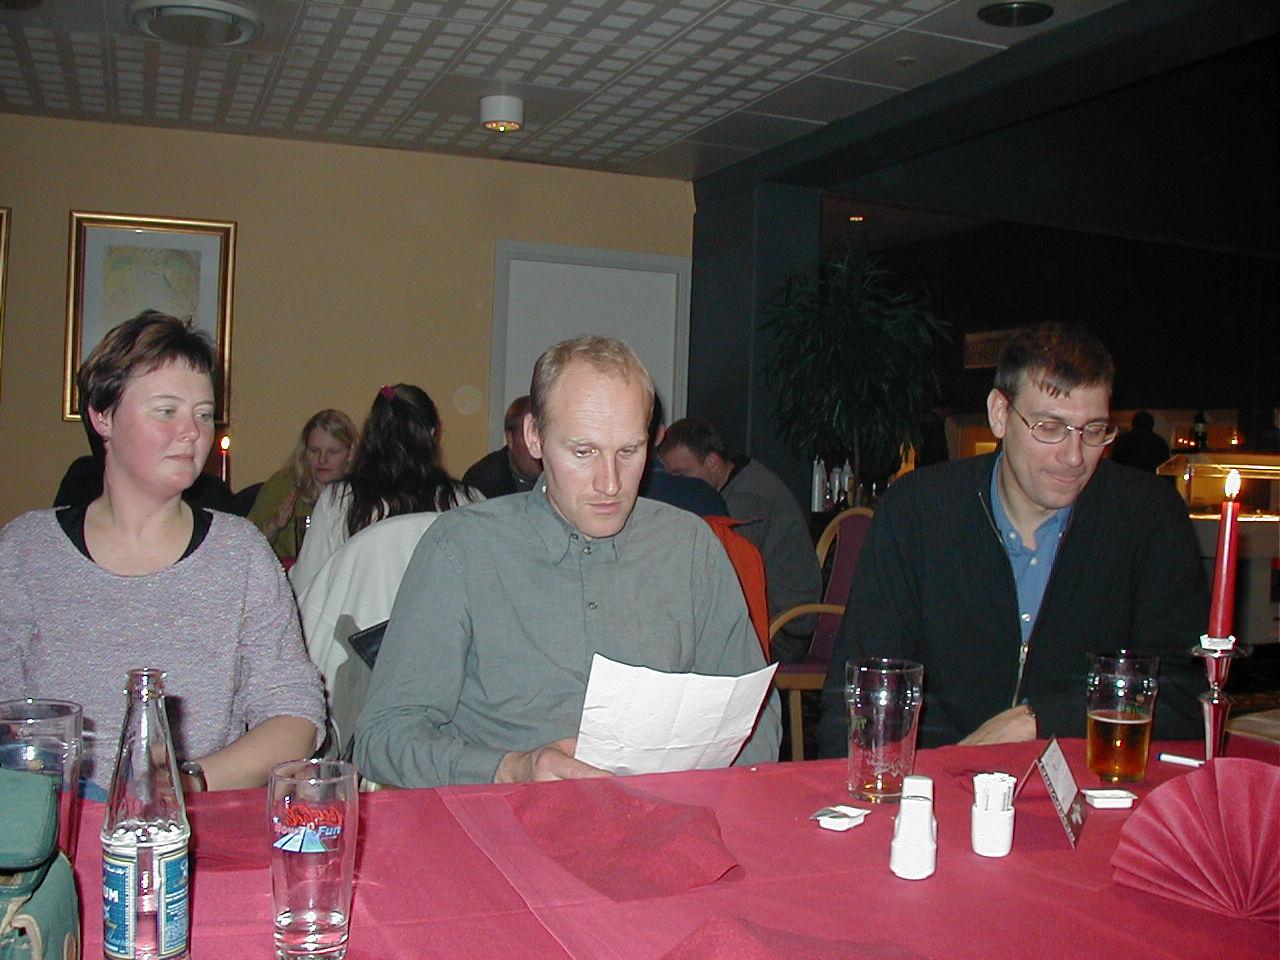 Efter sin aktive karriere tog Bo en tørn som leder og official. Han ses her i midten med fru Jette tv og Jan Eriksen th.  Lejligheden var en dinner-bowlingaften for klubbens udvalg i 2001.